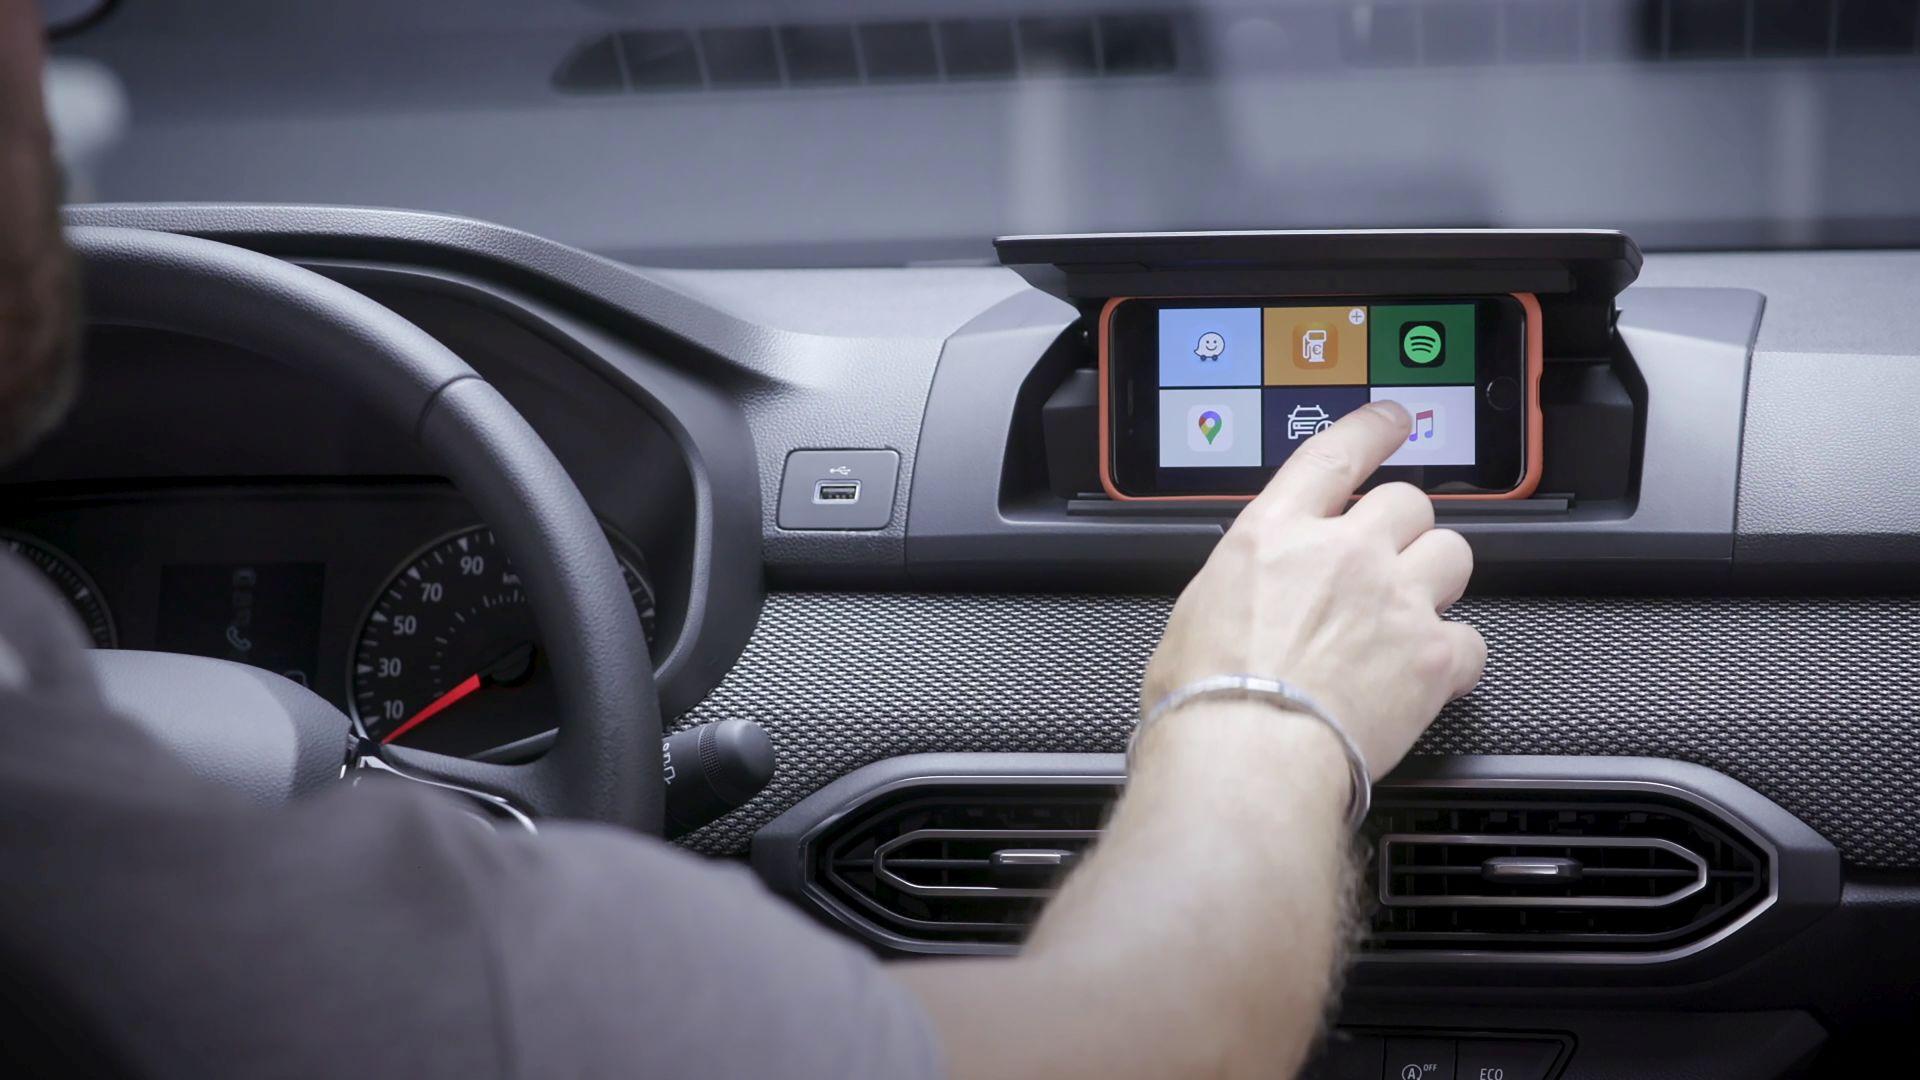 Kako funkcionira pametni telefon kao multimedijski zaslon u novom Sanderu?